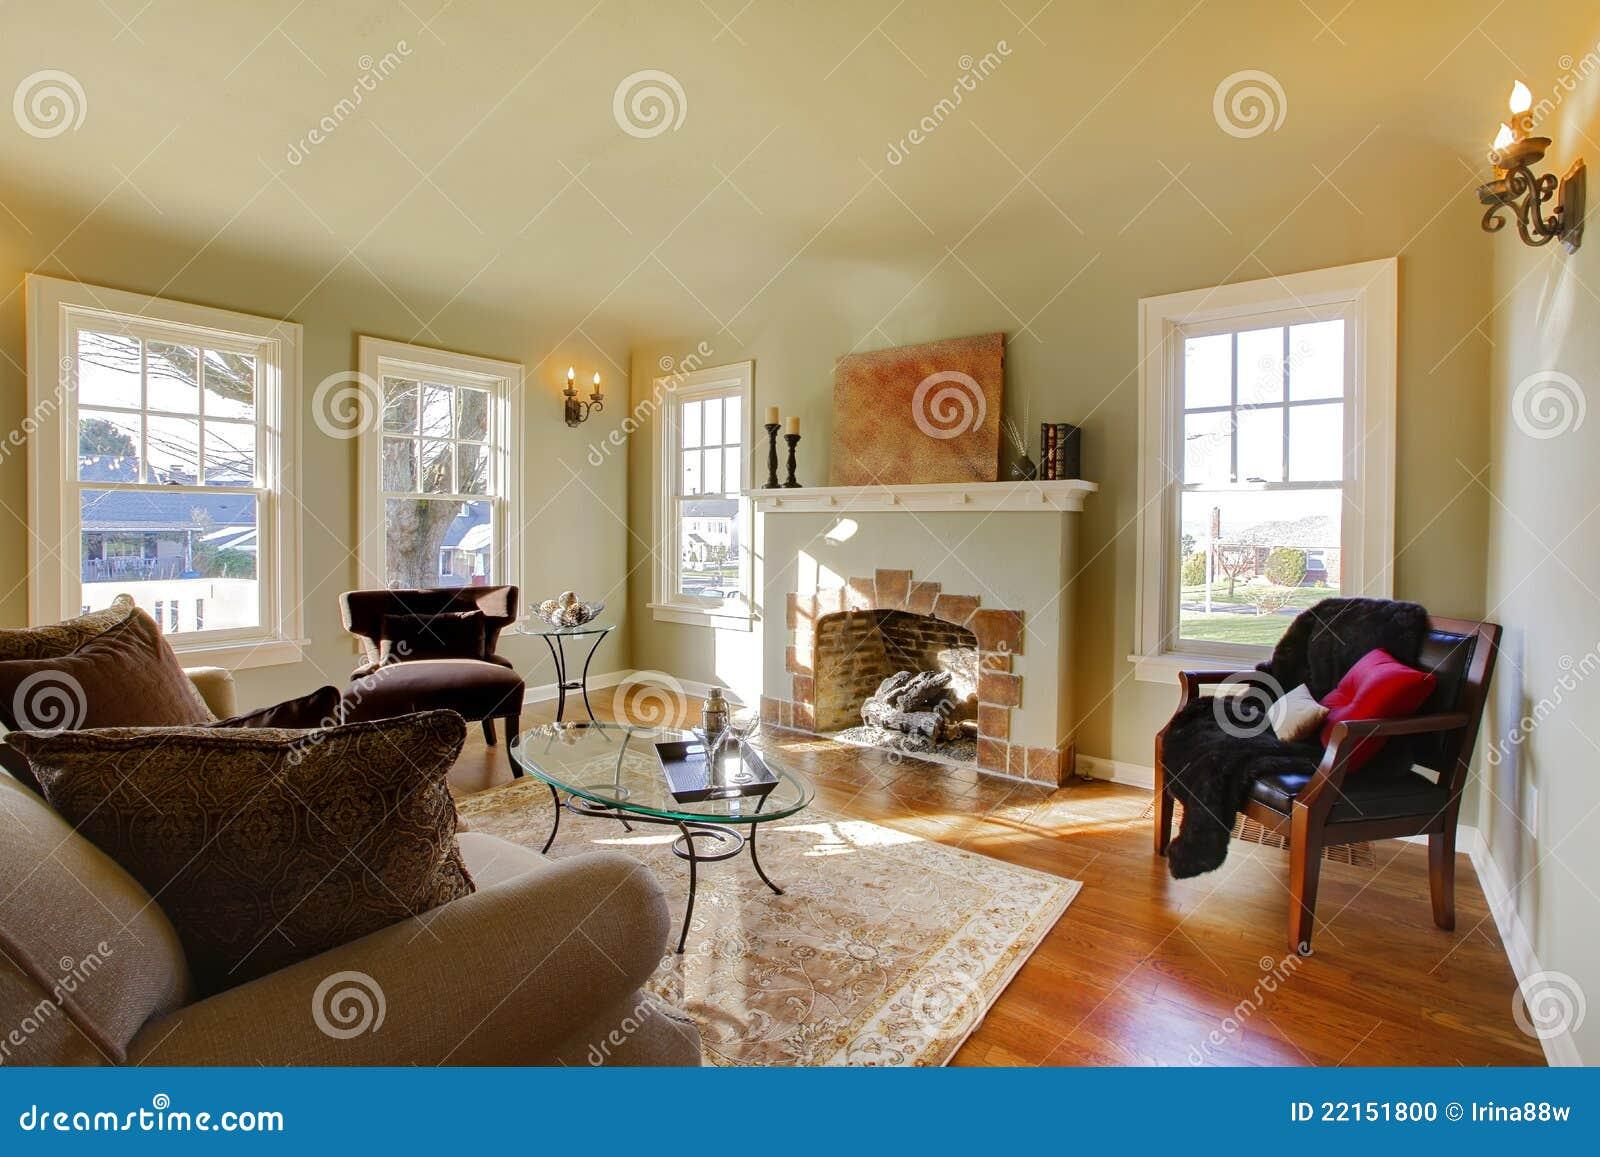 Download Schönes Wohnzimmer Mit Altem Kamin. Stockfoto   Bild Von Graphik,  Bild: 22151800